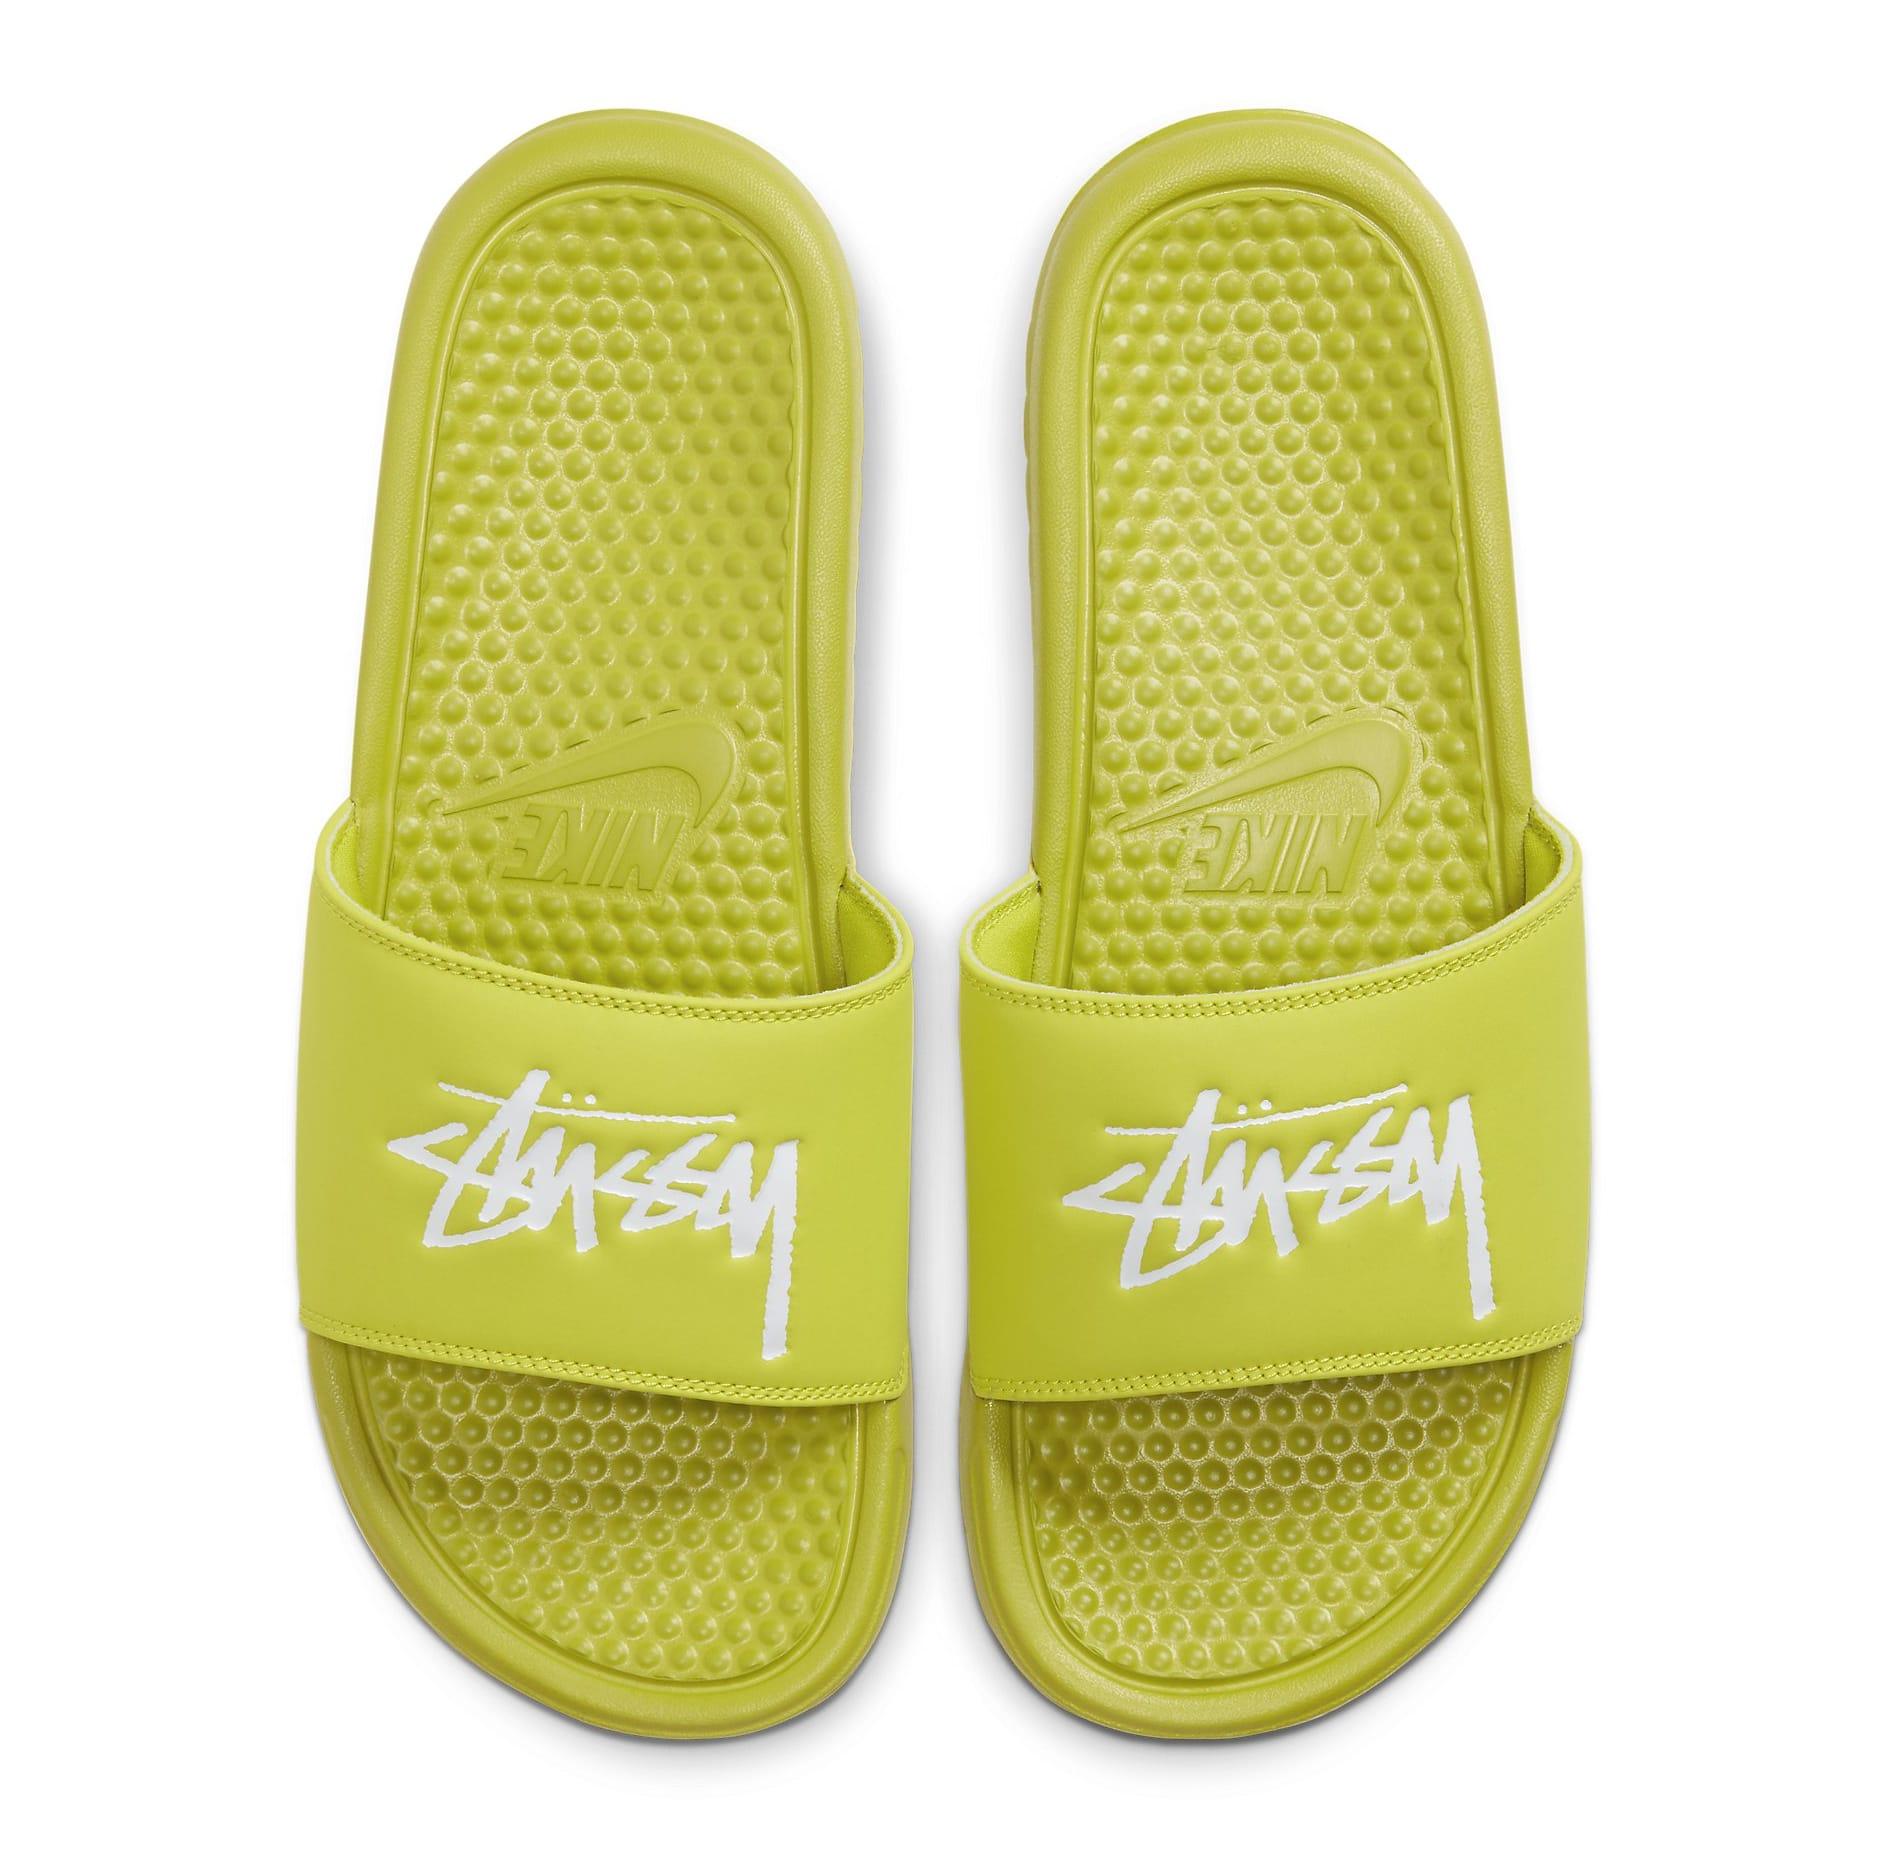 Stussy x Nike Benassi 'Bright Cactus' CW2787-300 Top